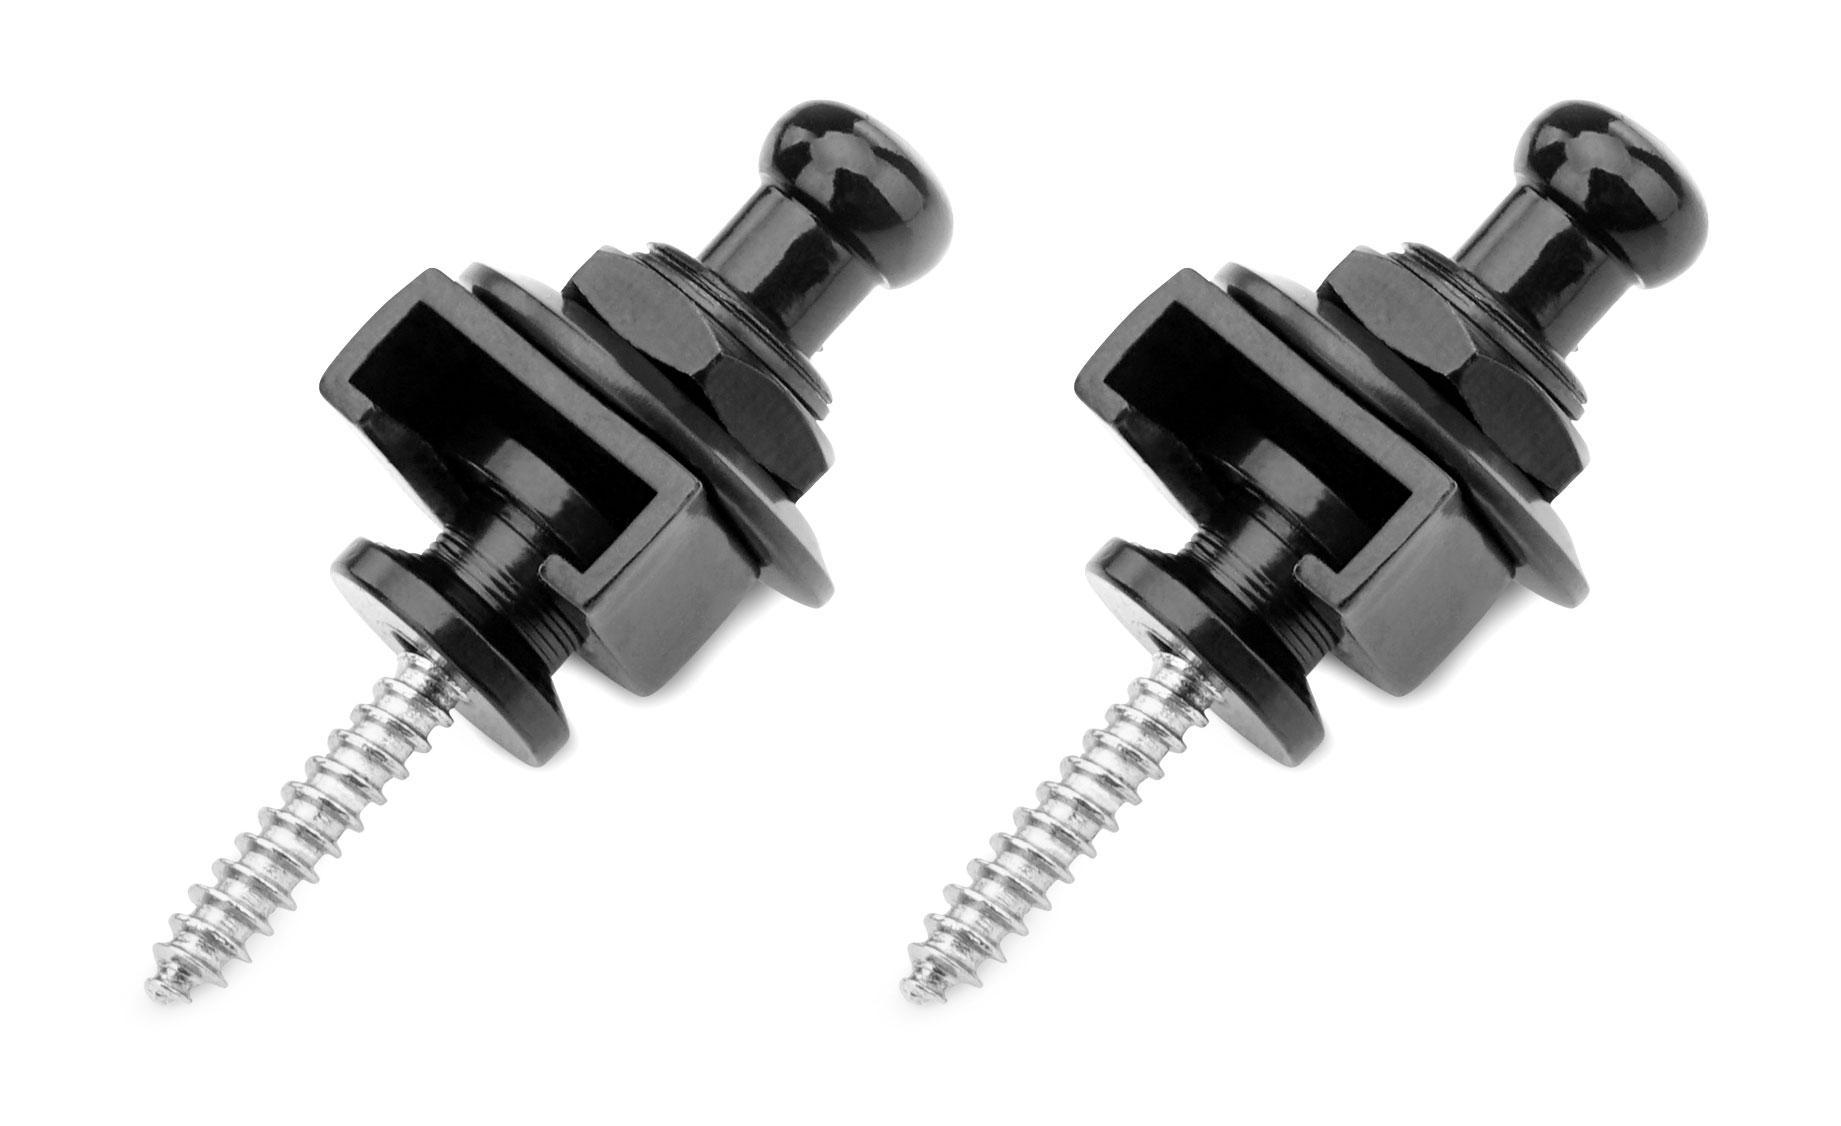 Zubehoergitarren - Rocktile RSL 10 BK Security Locks Schwarz - Onlineshop Musikhaus Kirstein